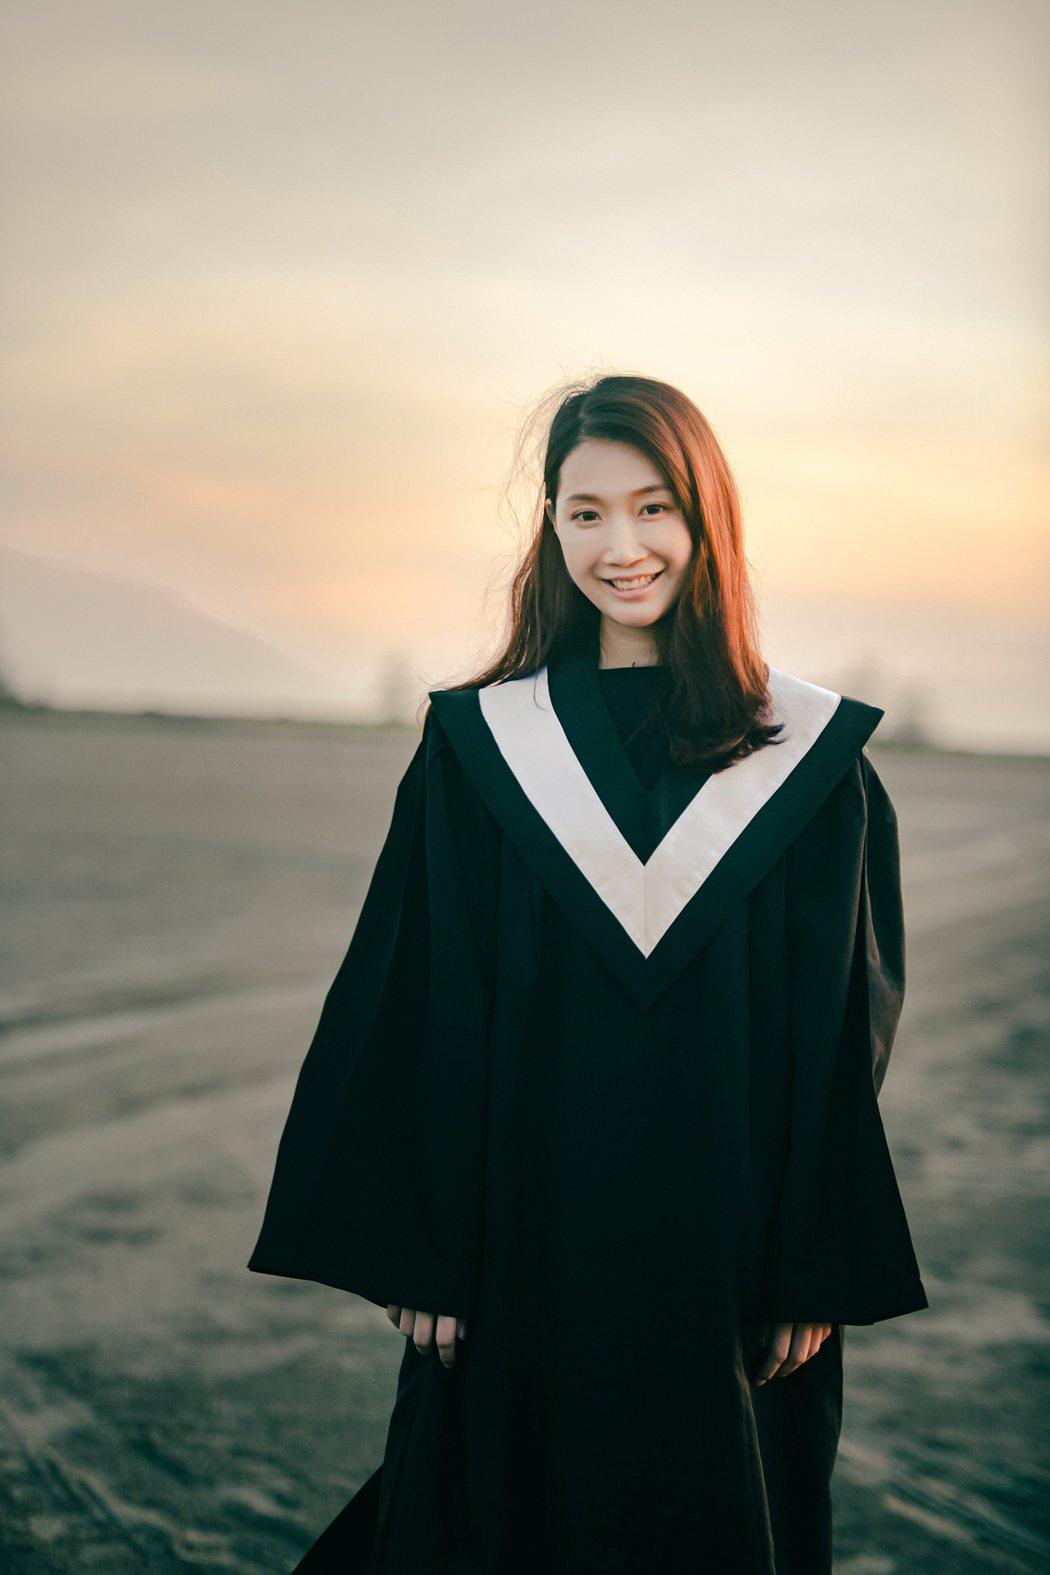 小玉兒大學畢業為省錢沒拍畢業照,MV變裝圓夢。圖/齊映國際提供